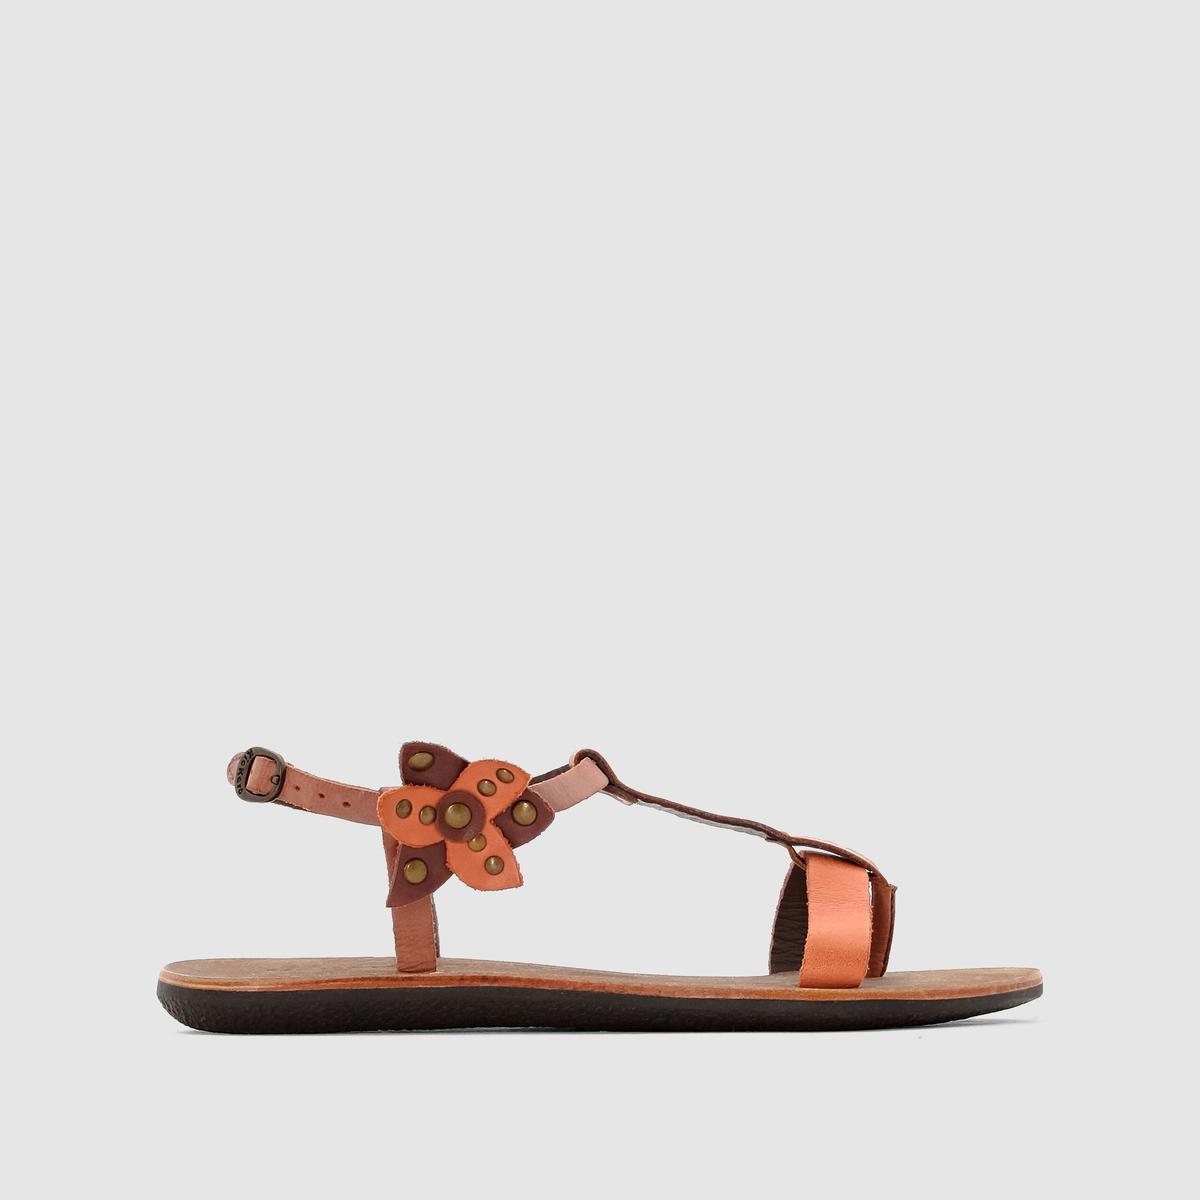 Сандалии кожаные на низком каблуке SpartflowerМинималистичный дизайн и декорированный кожаным цветком ремешок... Очаровательные и удобные кожаные сандалии, которые будут органично дополнять ваш летний гардероб!<br><br>Цвет: каштановый / оранжевый,черный/ синий<br>Размер: 39.36